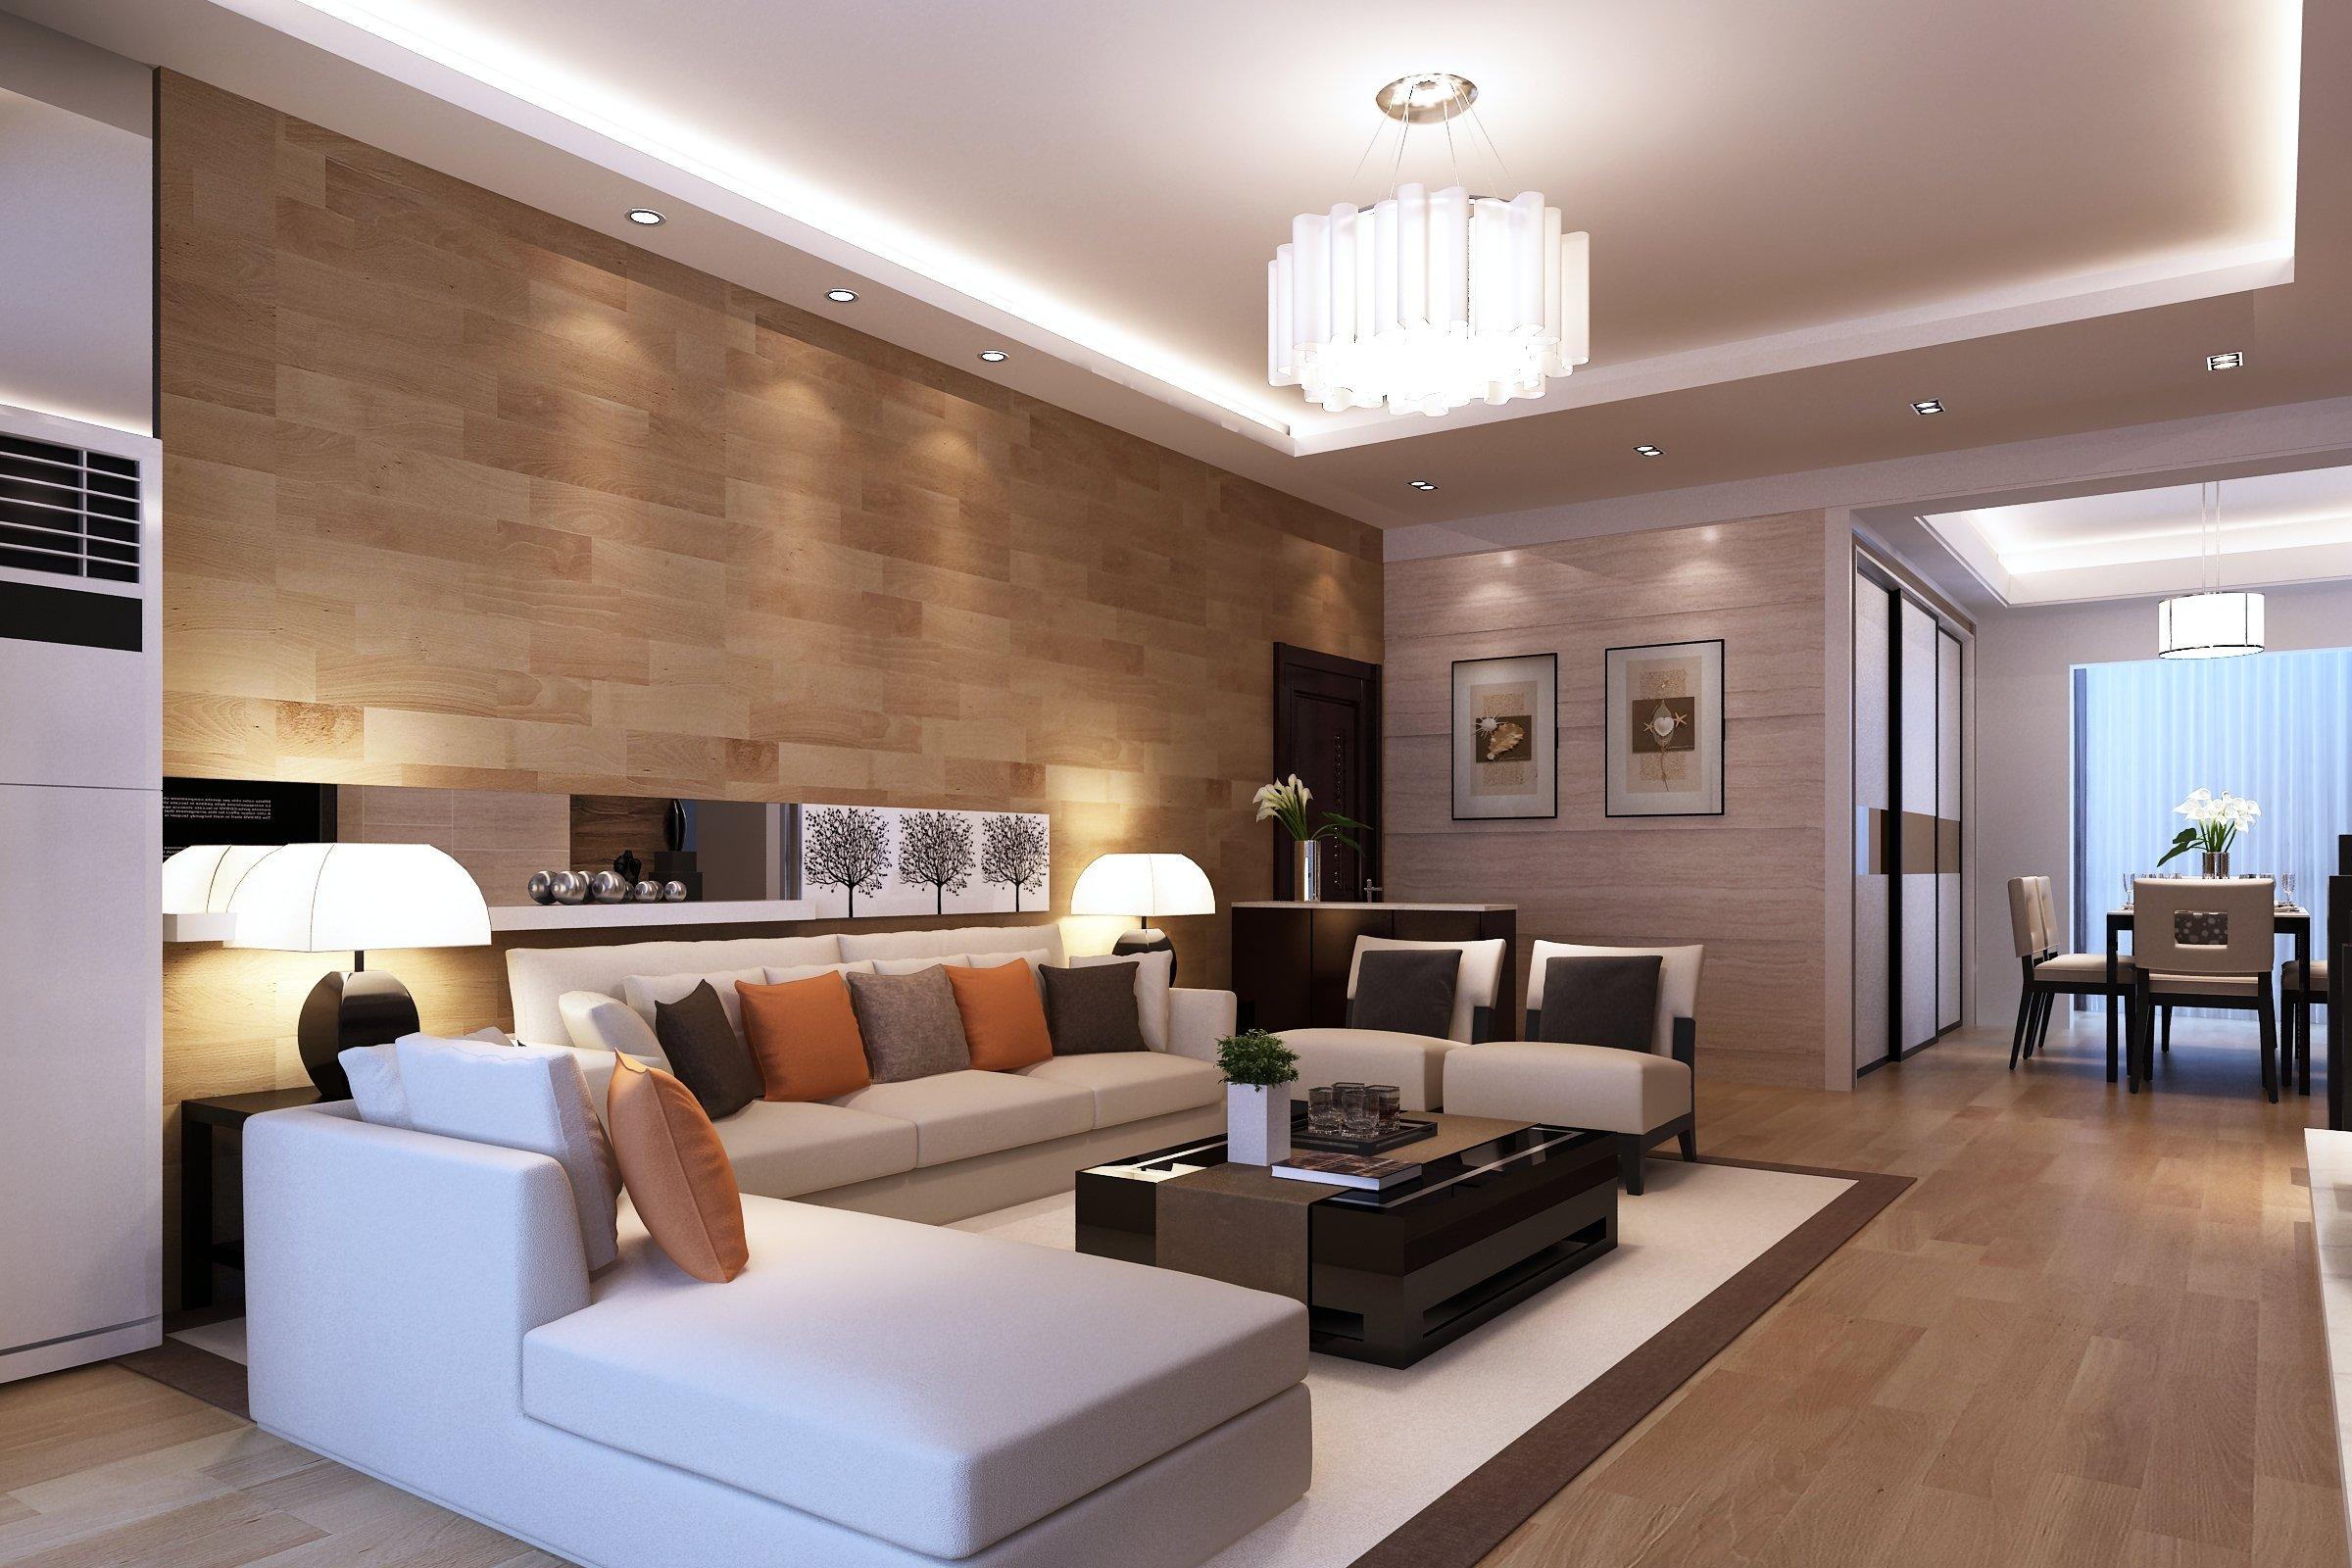 living room ideas contemporary amazing 6 living room ideas